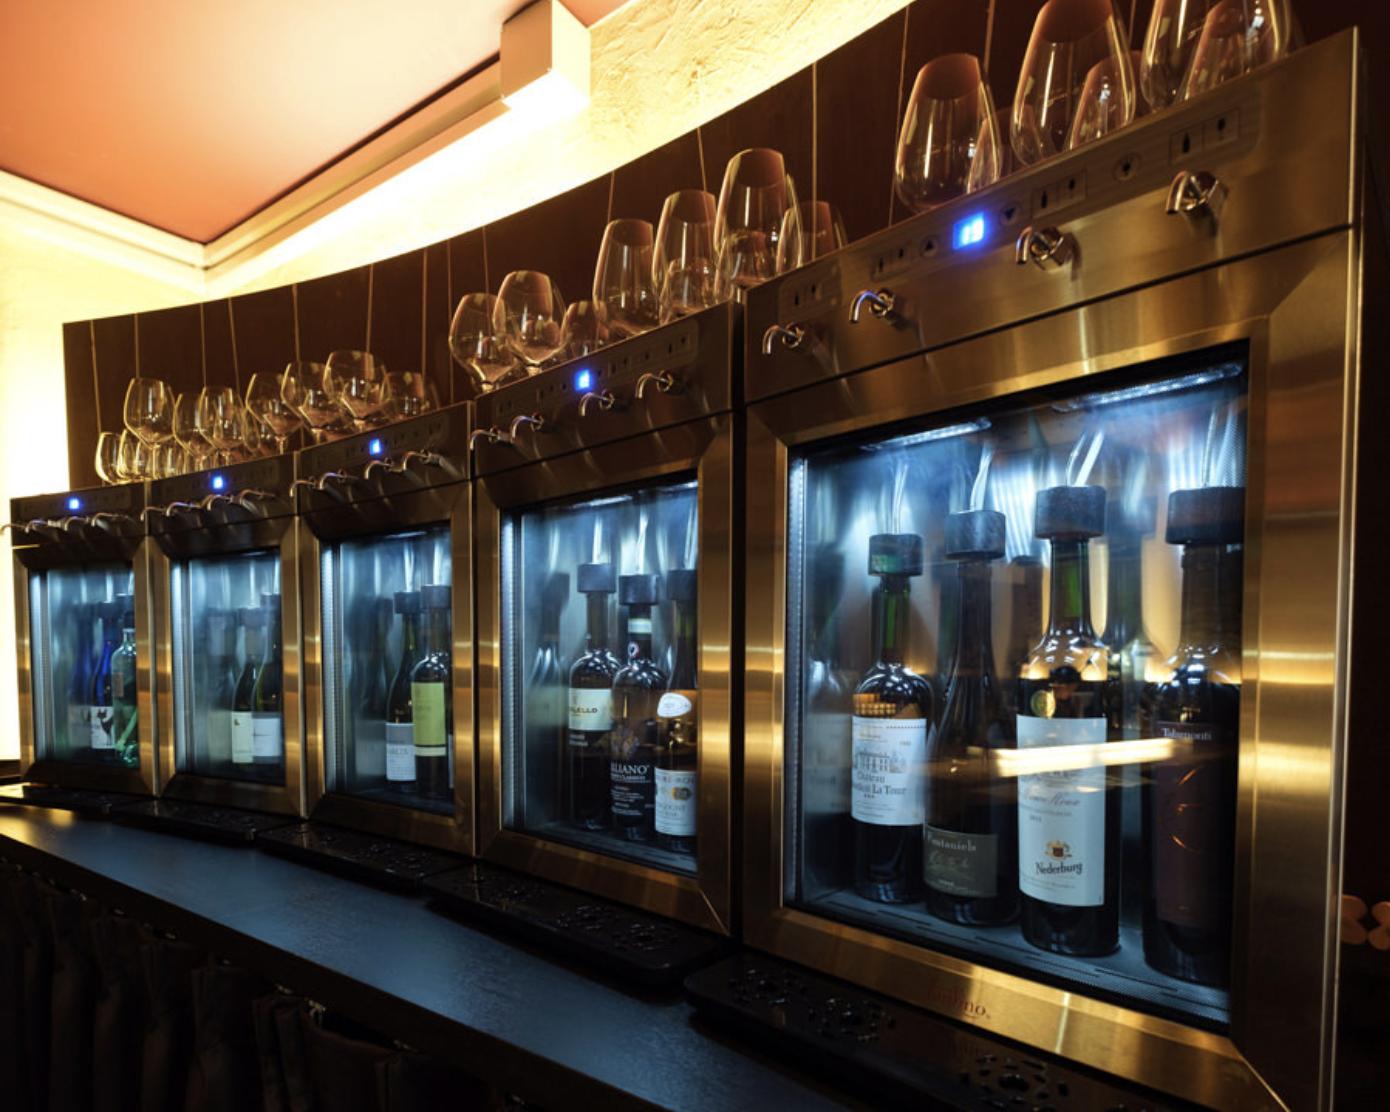 チーズ料理とワインブッフェの『Chambrer(シャンブレ)』が一社にオープン - cddadff4219a4f9566f1366bd67f70eb